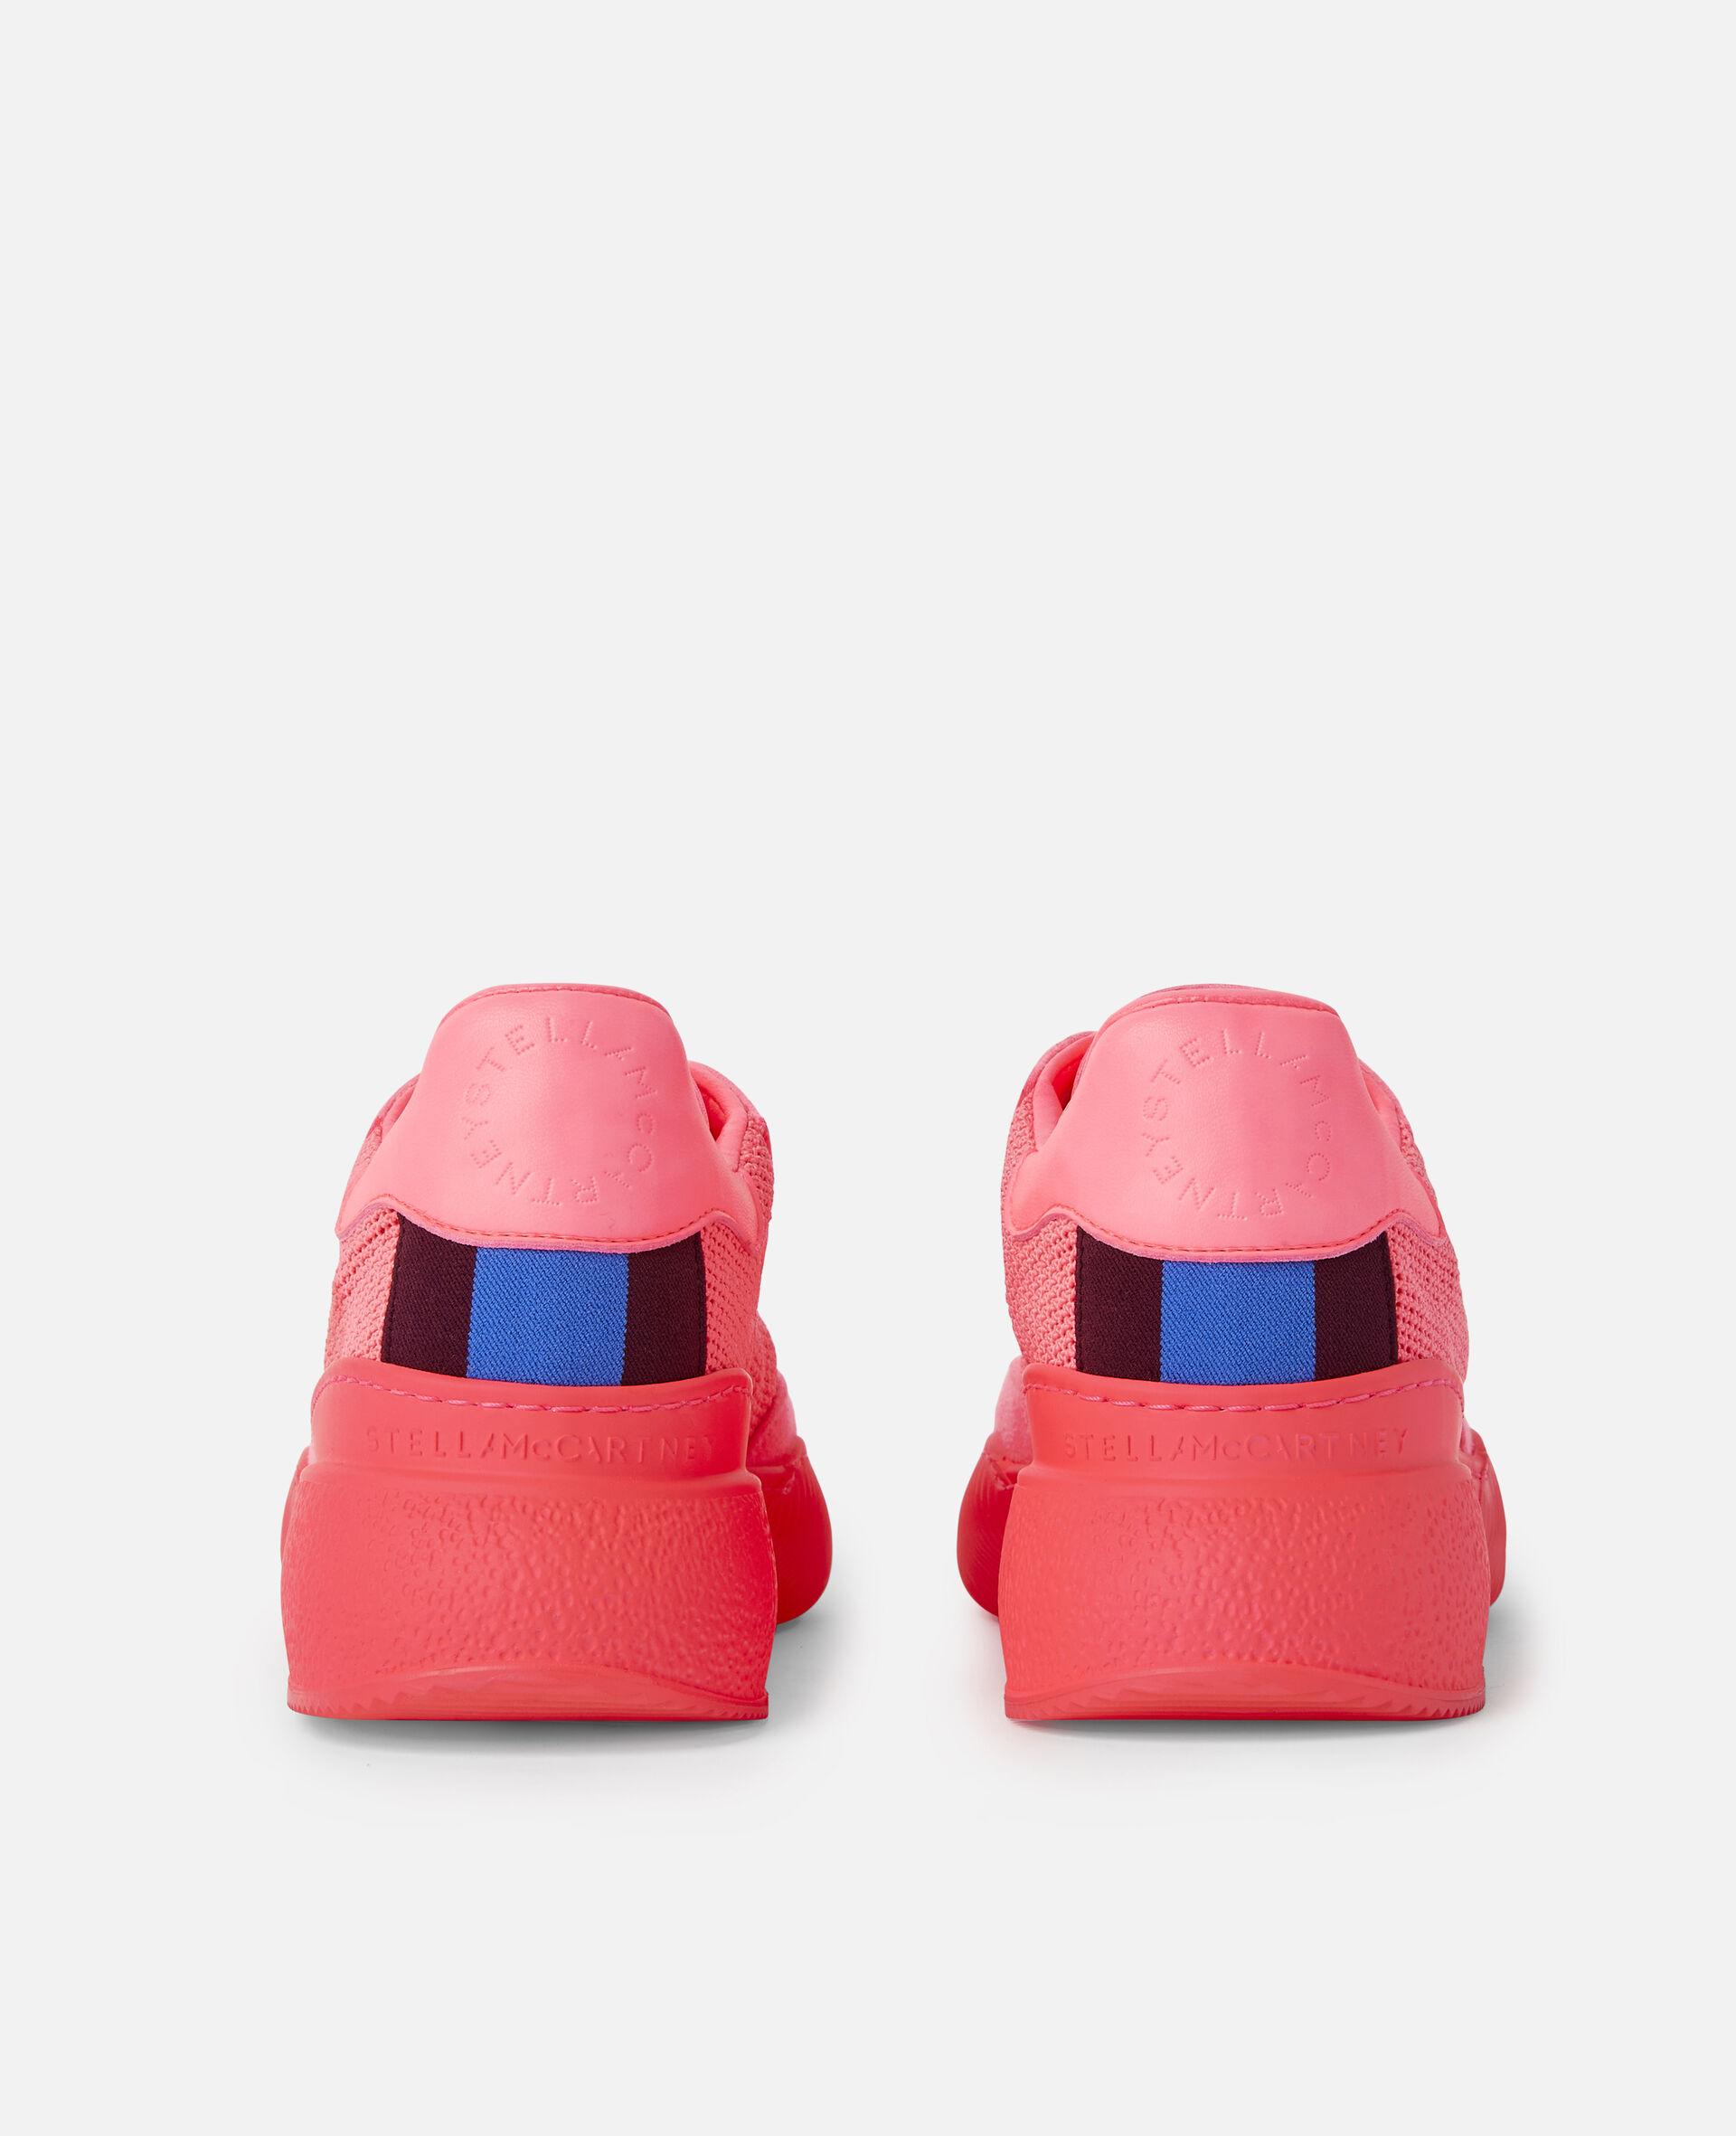 Loop Square Mesh Sneakers -Pink-large image number 2